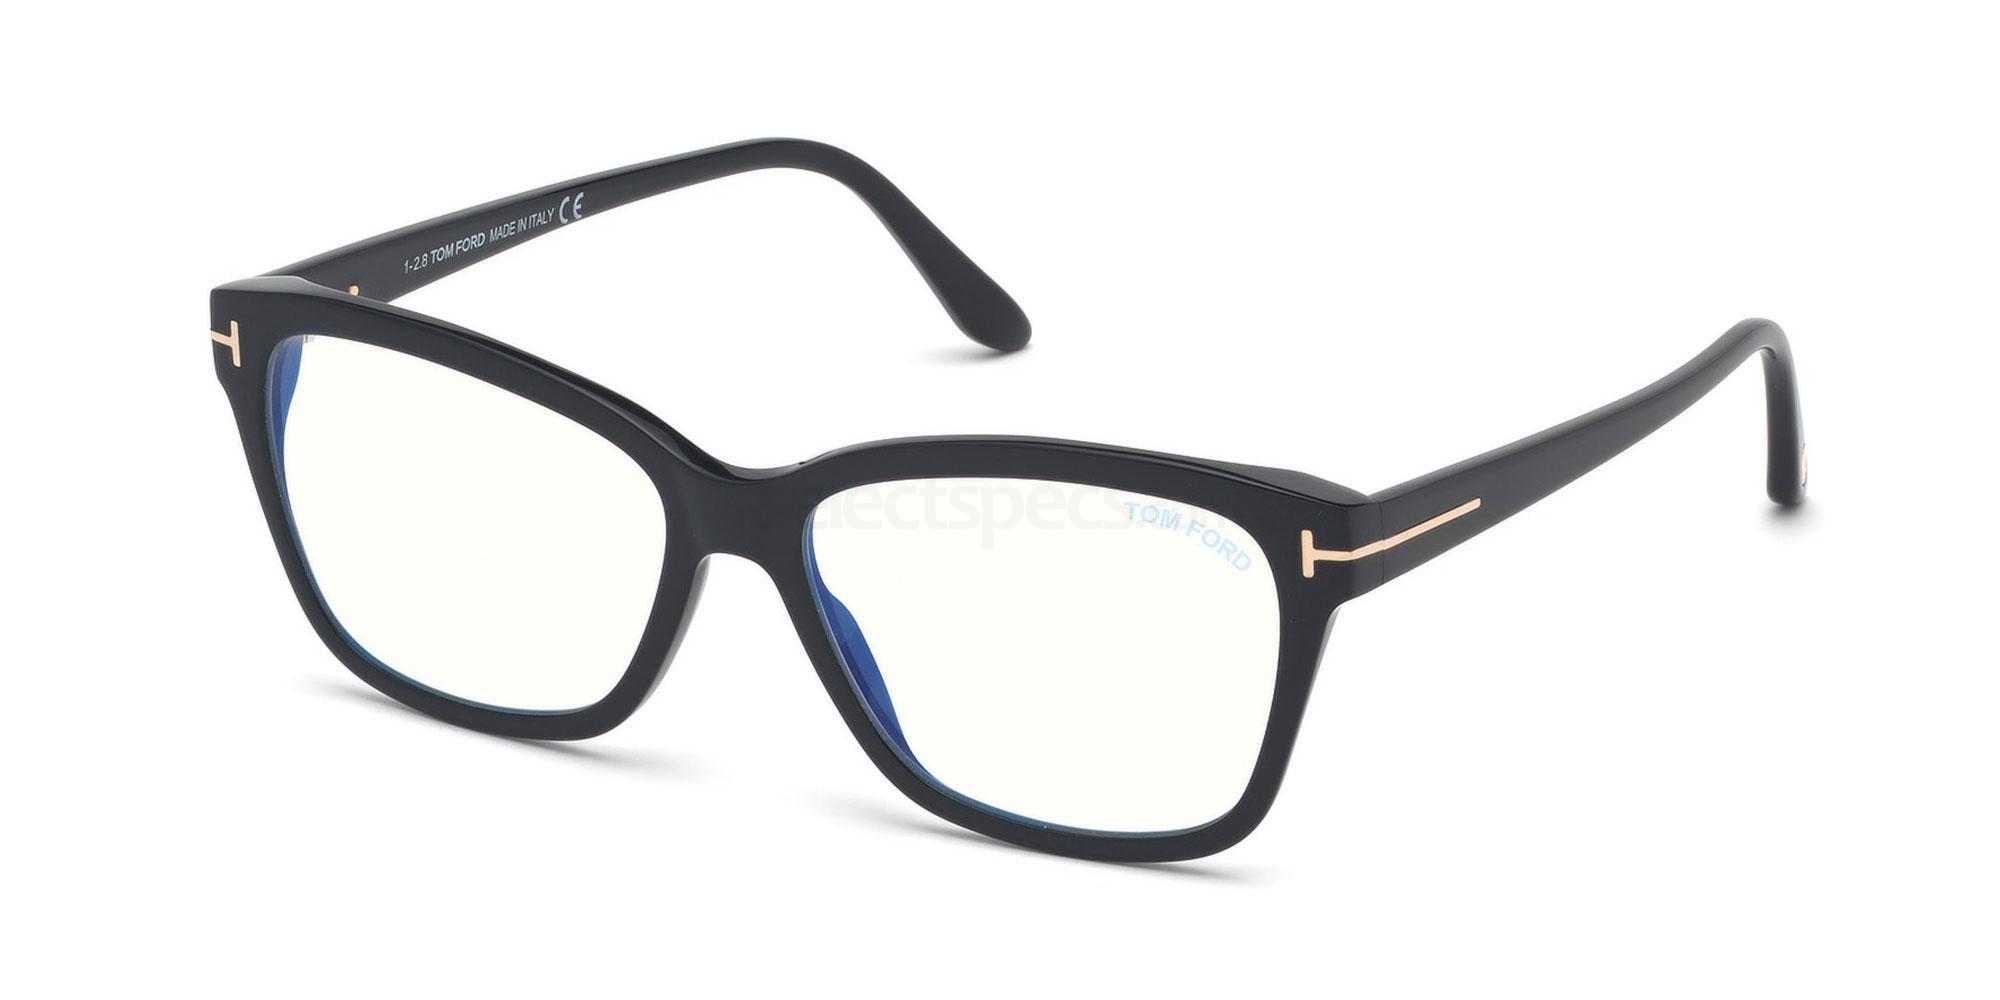 001 FT5597-B Glasses, Tom Ford